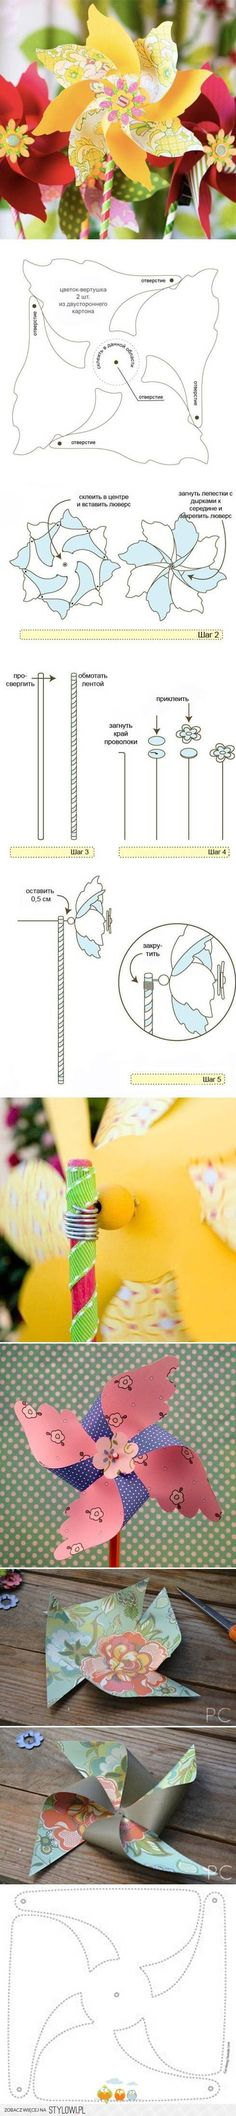 papierowy wiatraczek